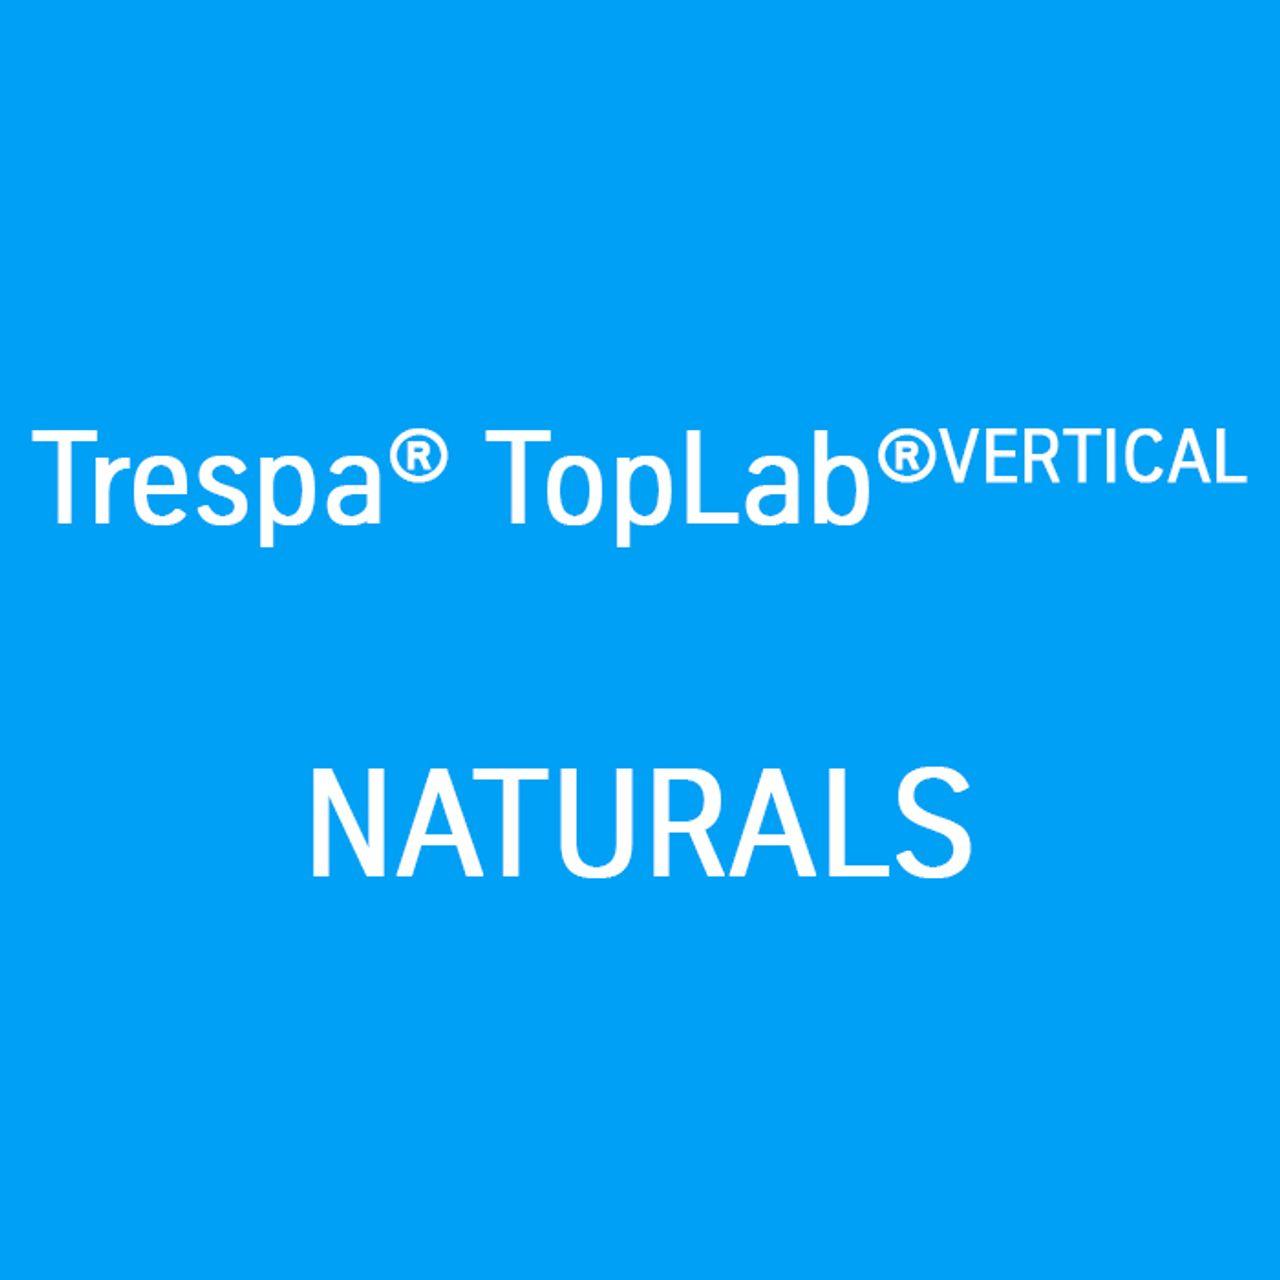 Trespa Top Lab Vertical Naturals